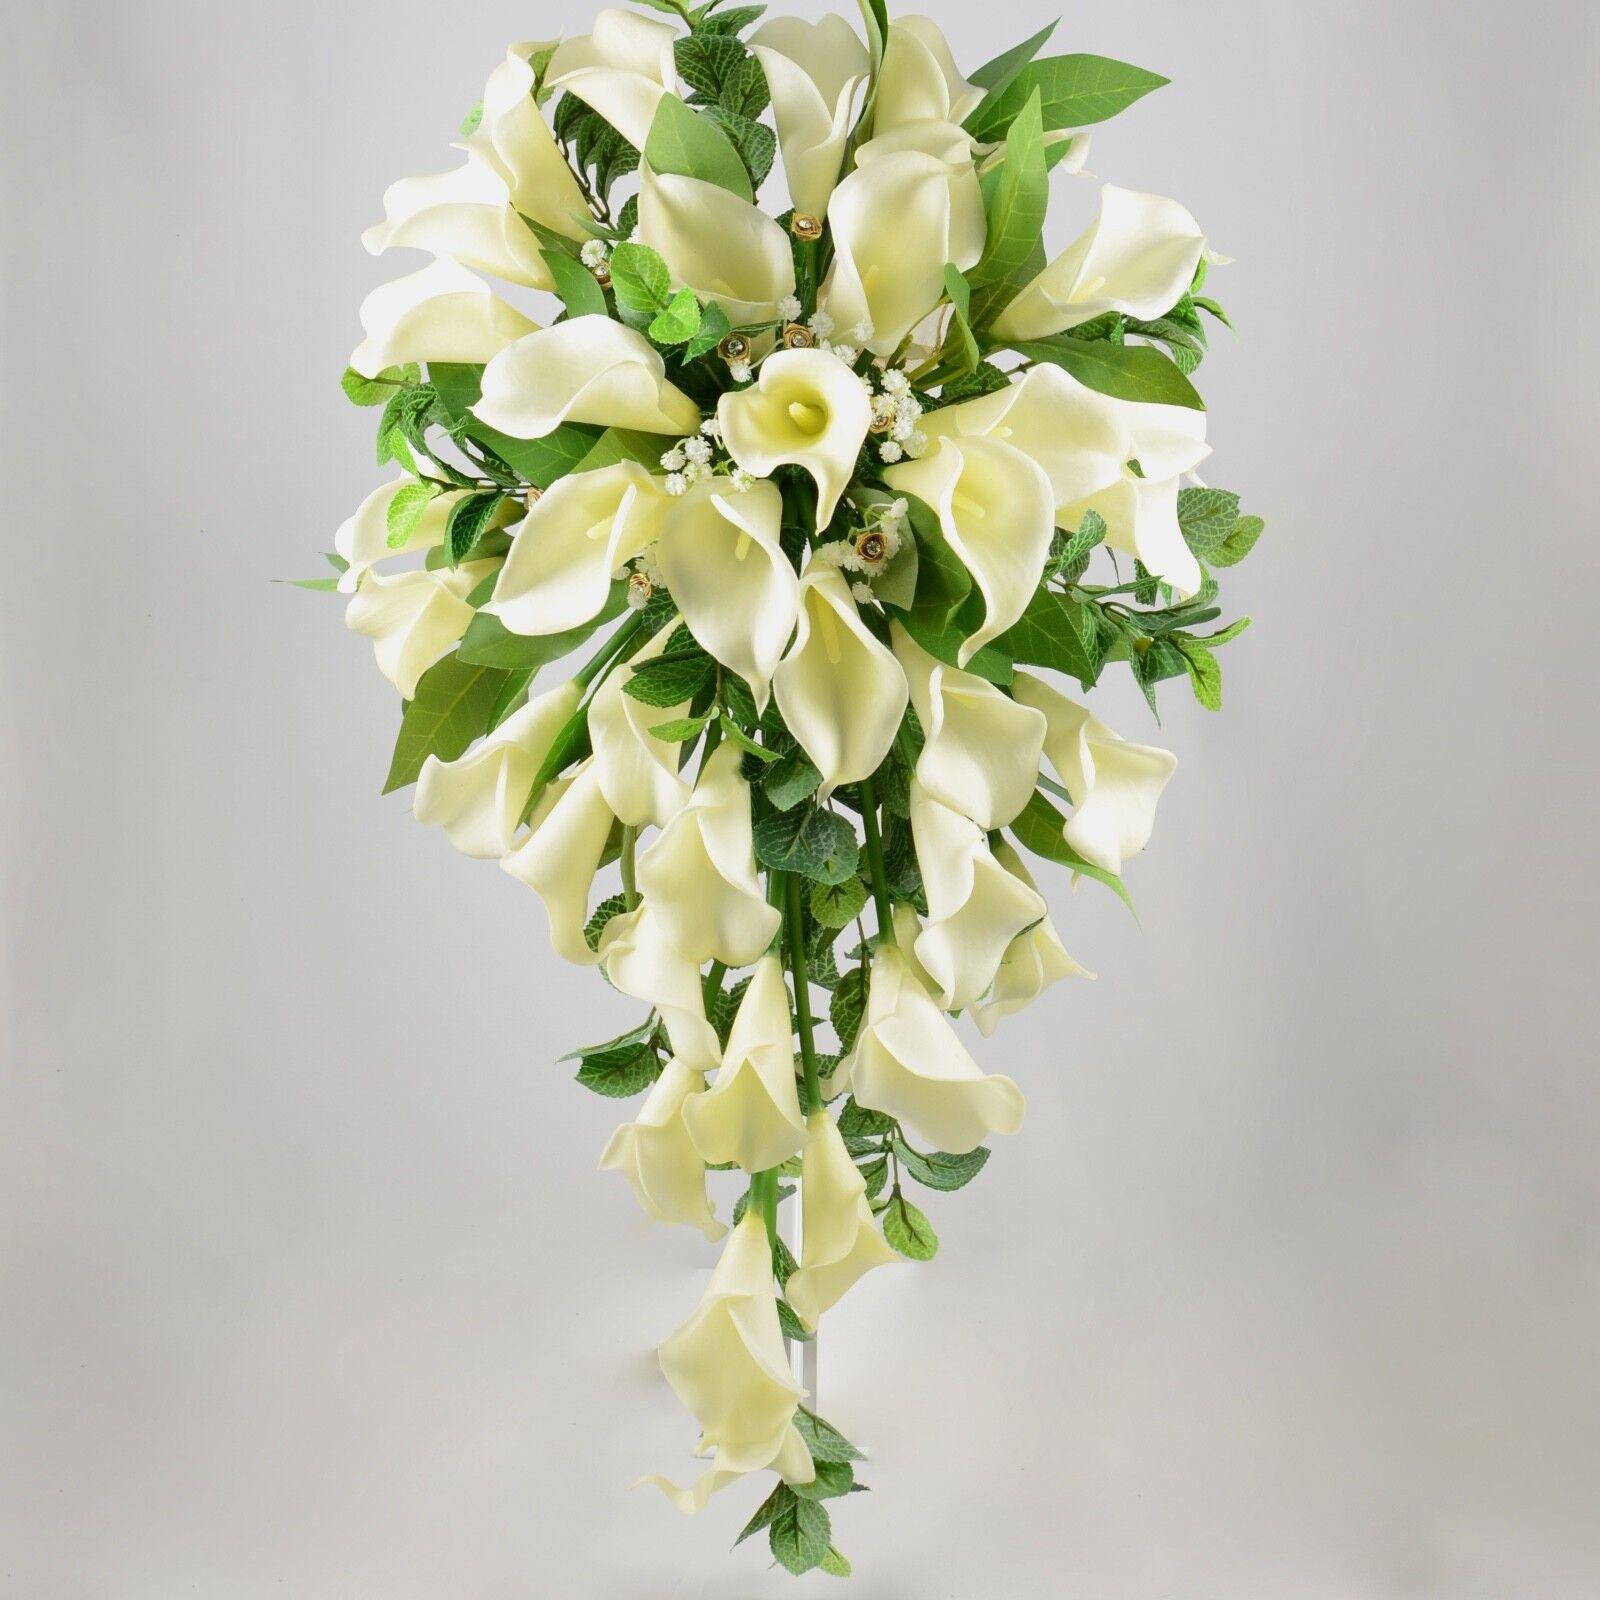 Artificielle Mariage fleurs soie Brides douche bouquet en Ivoire Crème Calla Lily